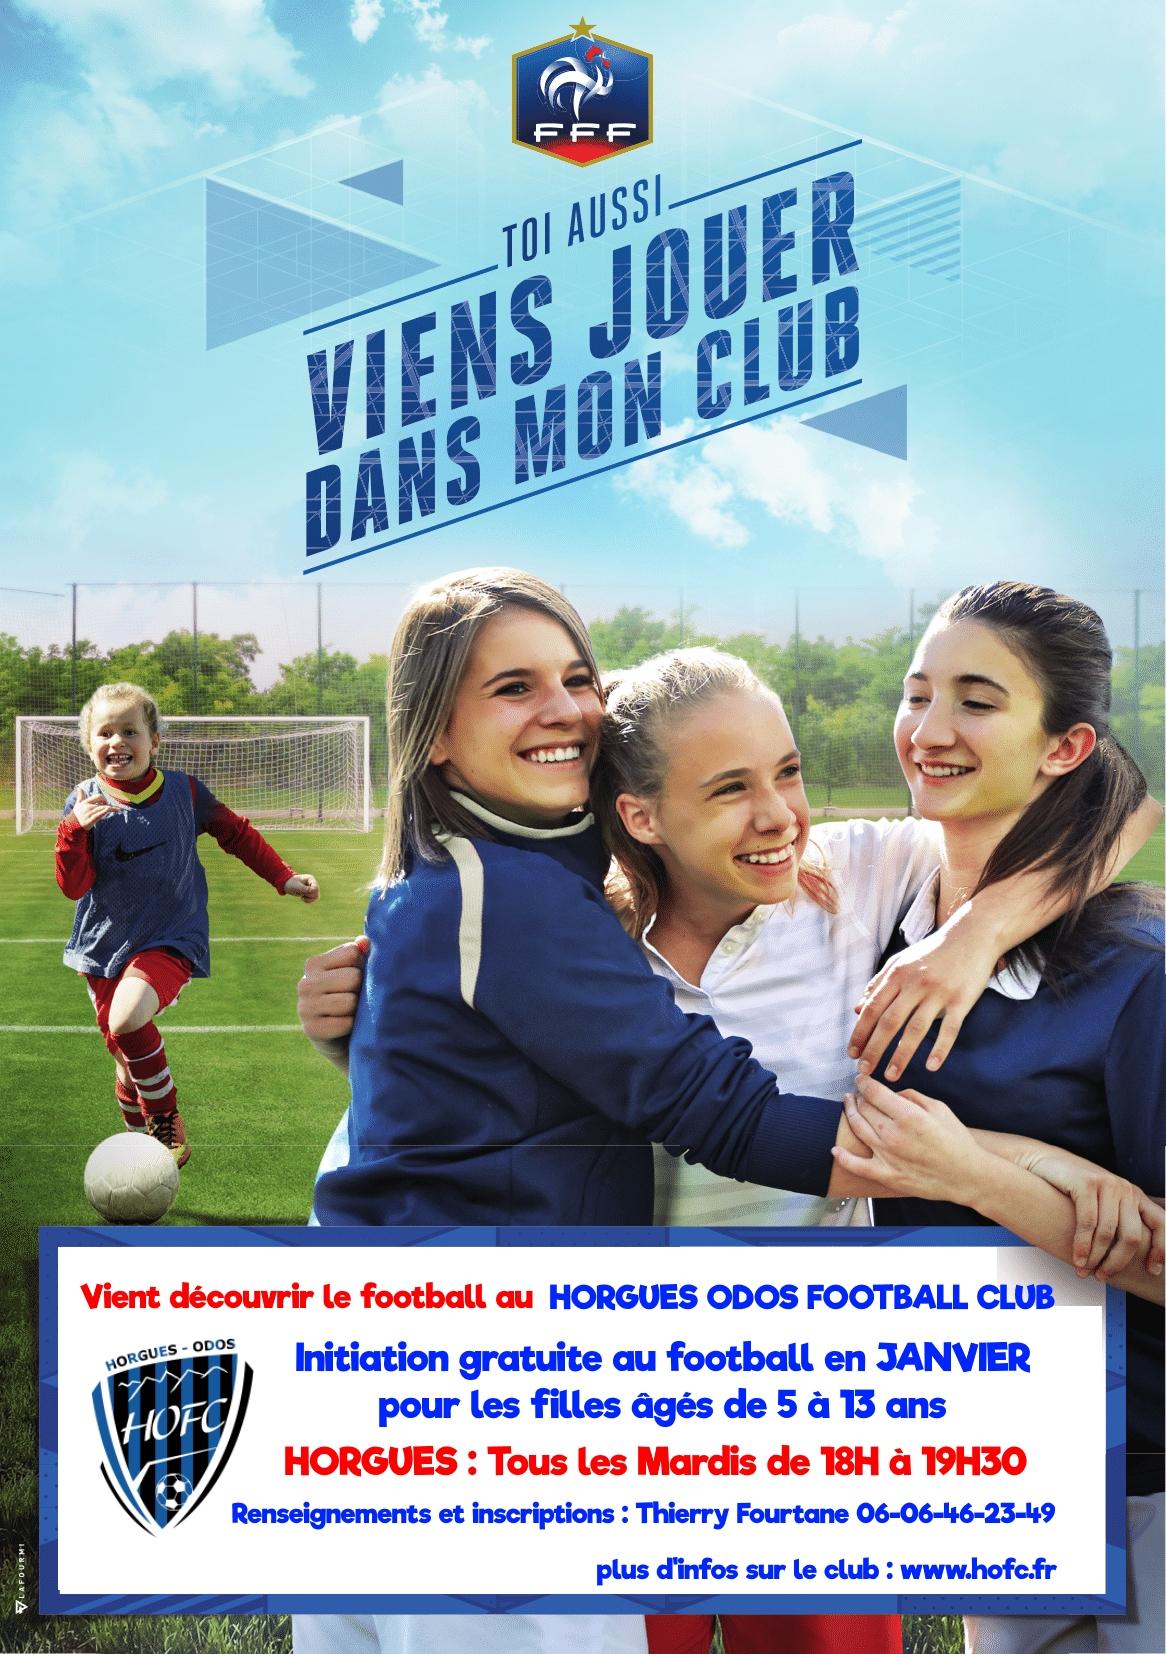 [EDF] Initiation gratuite au football pour les filles